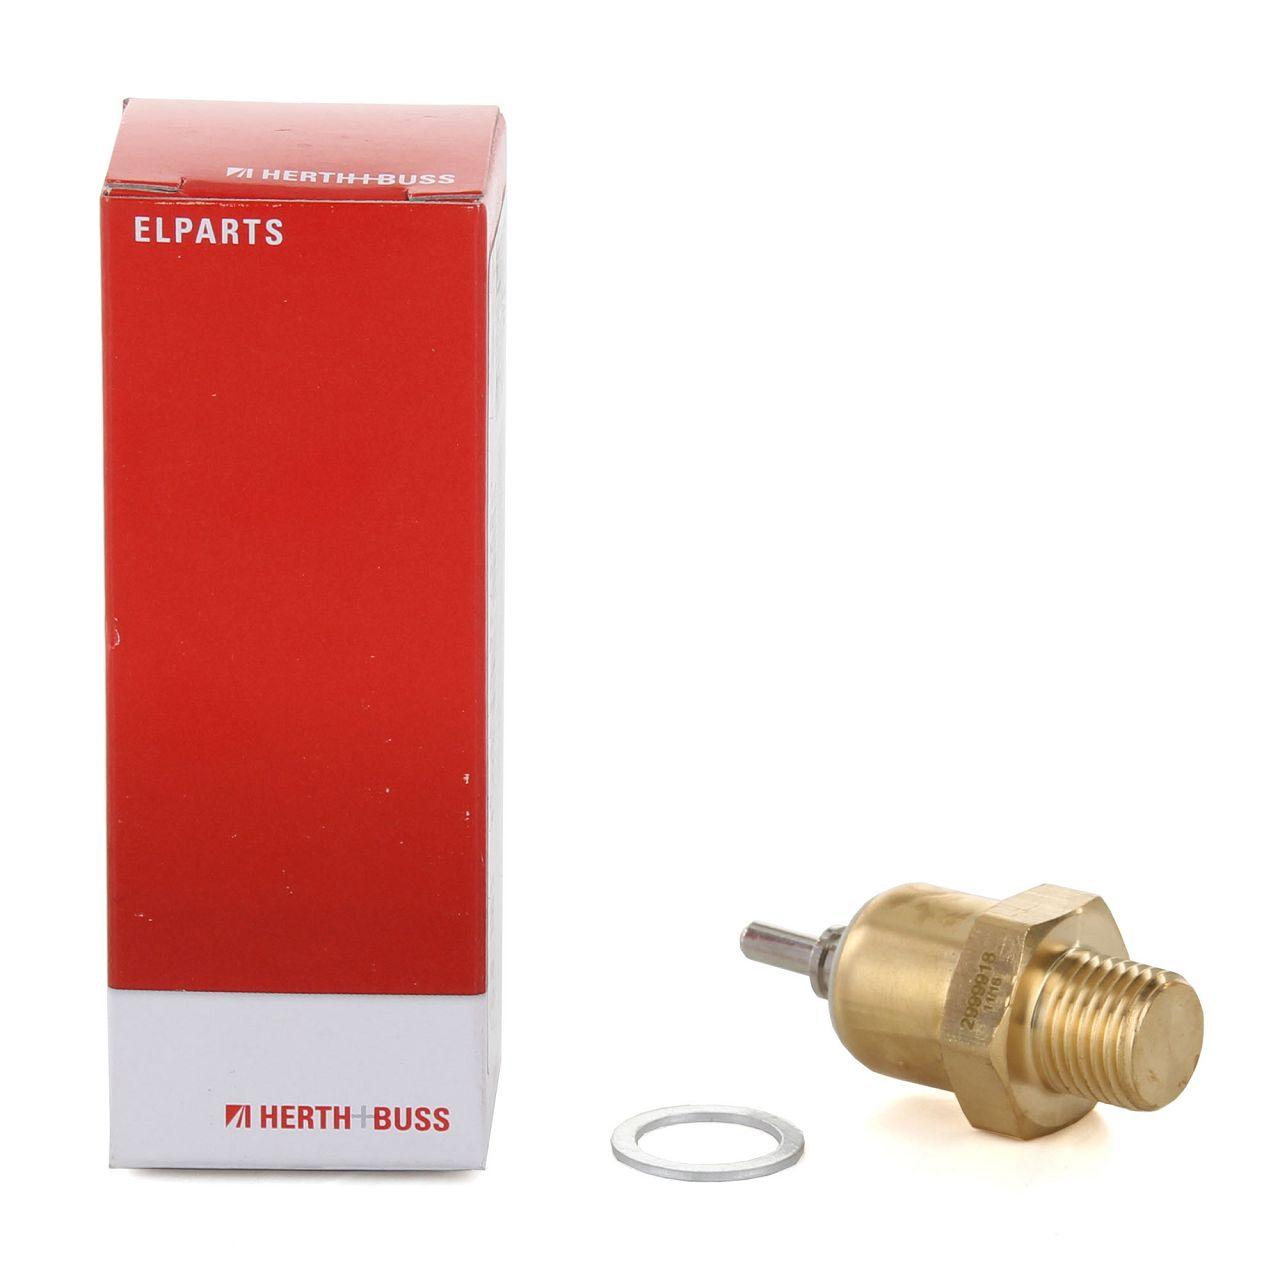 HERTH+BUSS ELPARTS Temperaturschalter Kühlerlüfter für MERCEDES 190 W201 W123 W